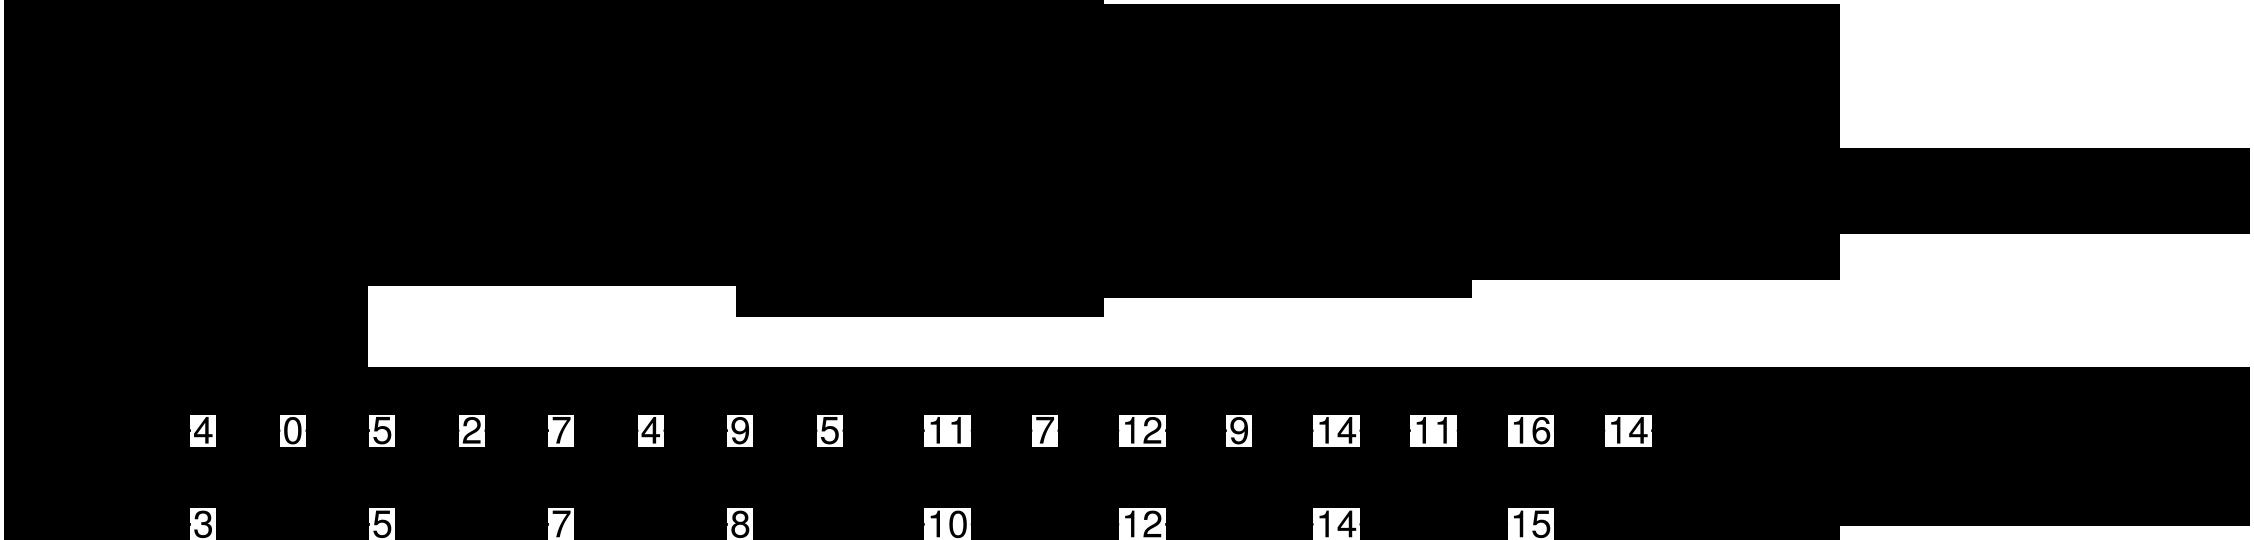 Martin Taylor Chord Melody Example 2b